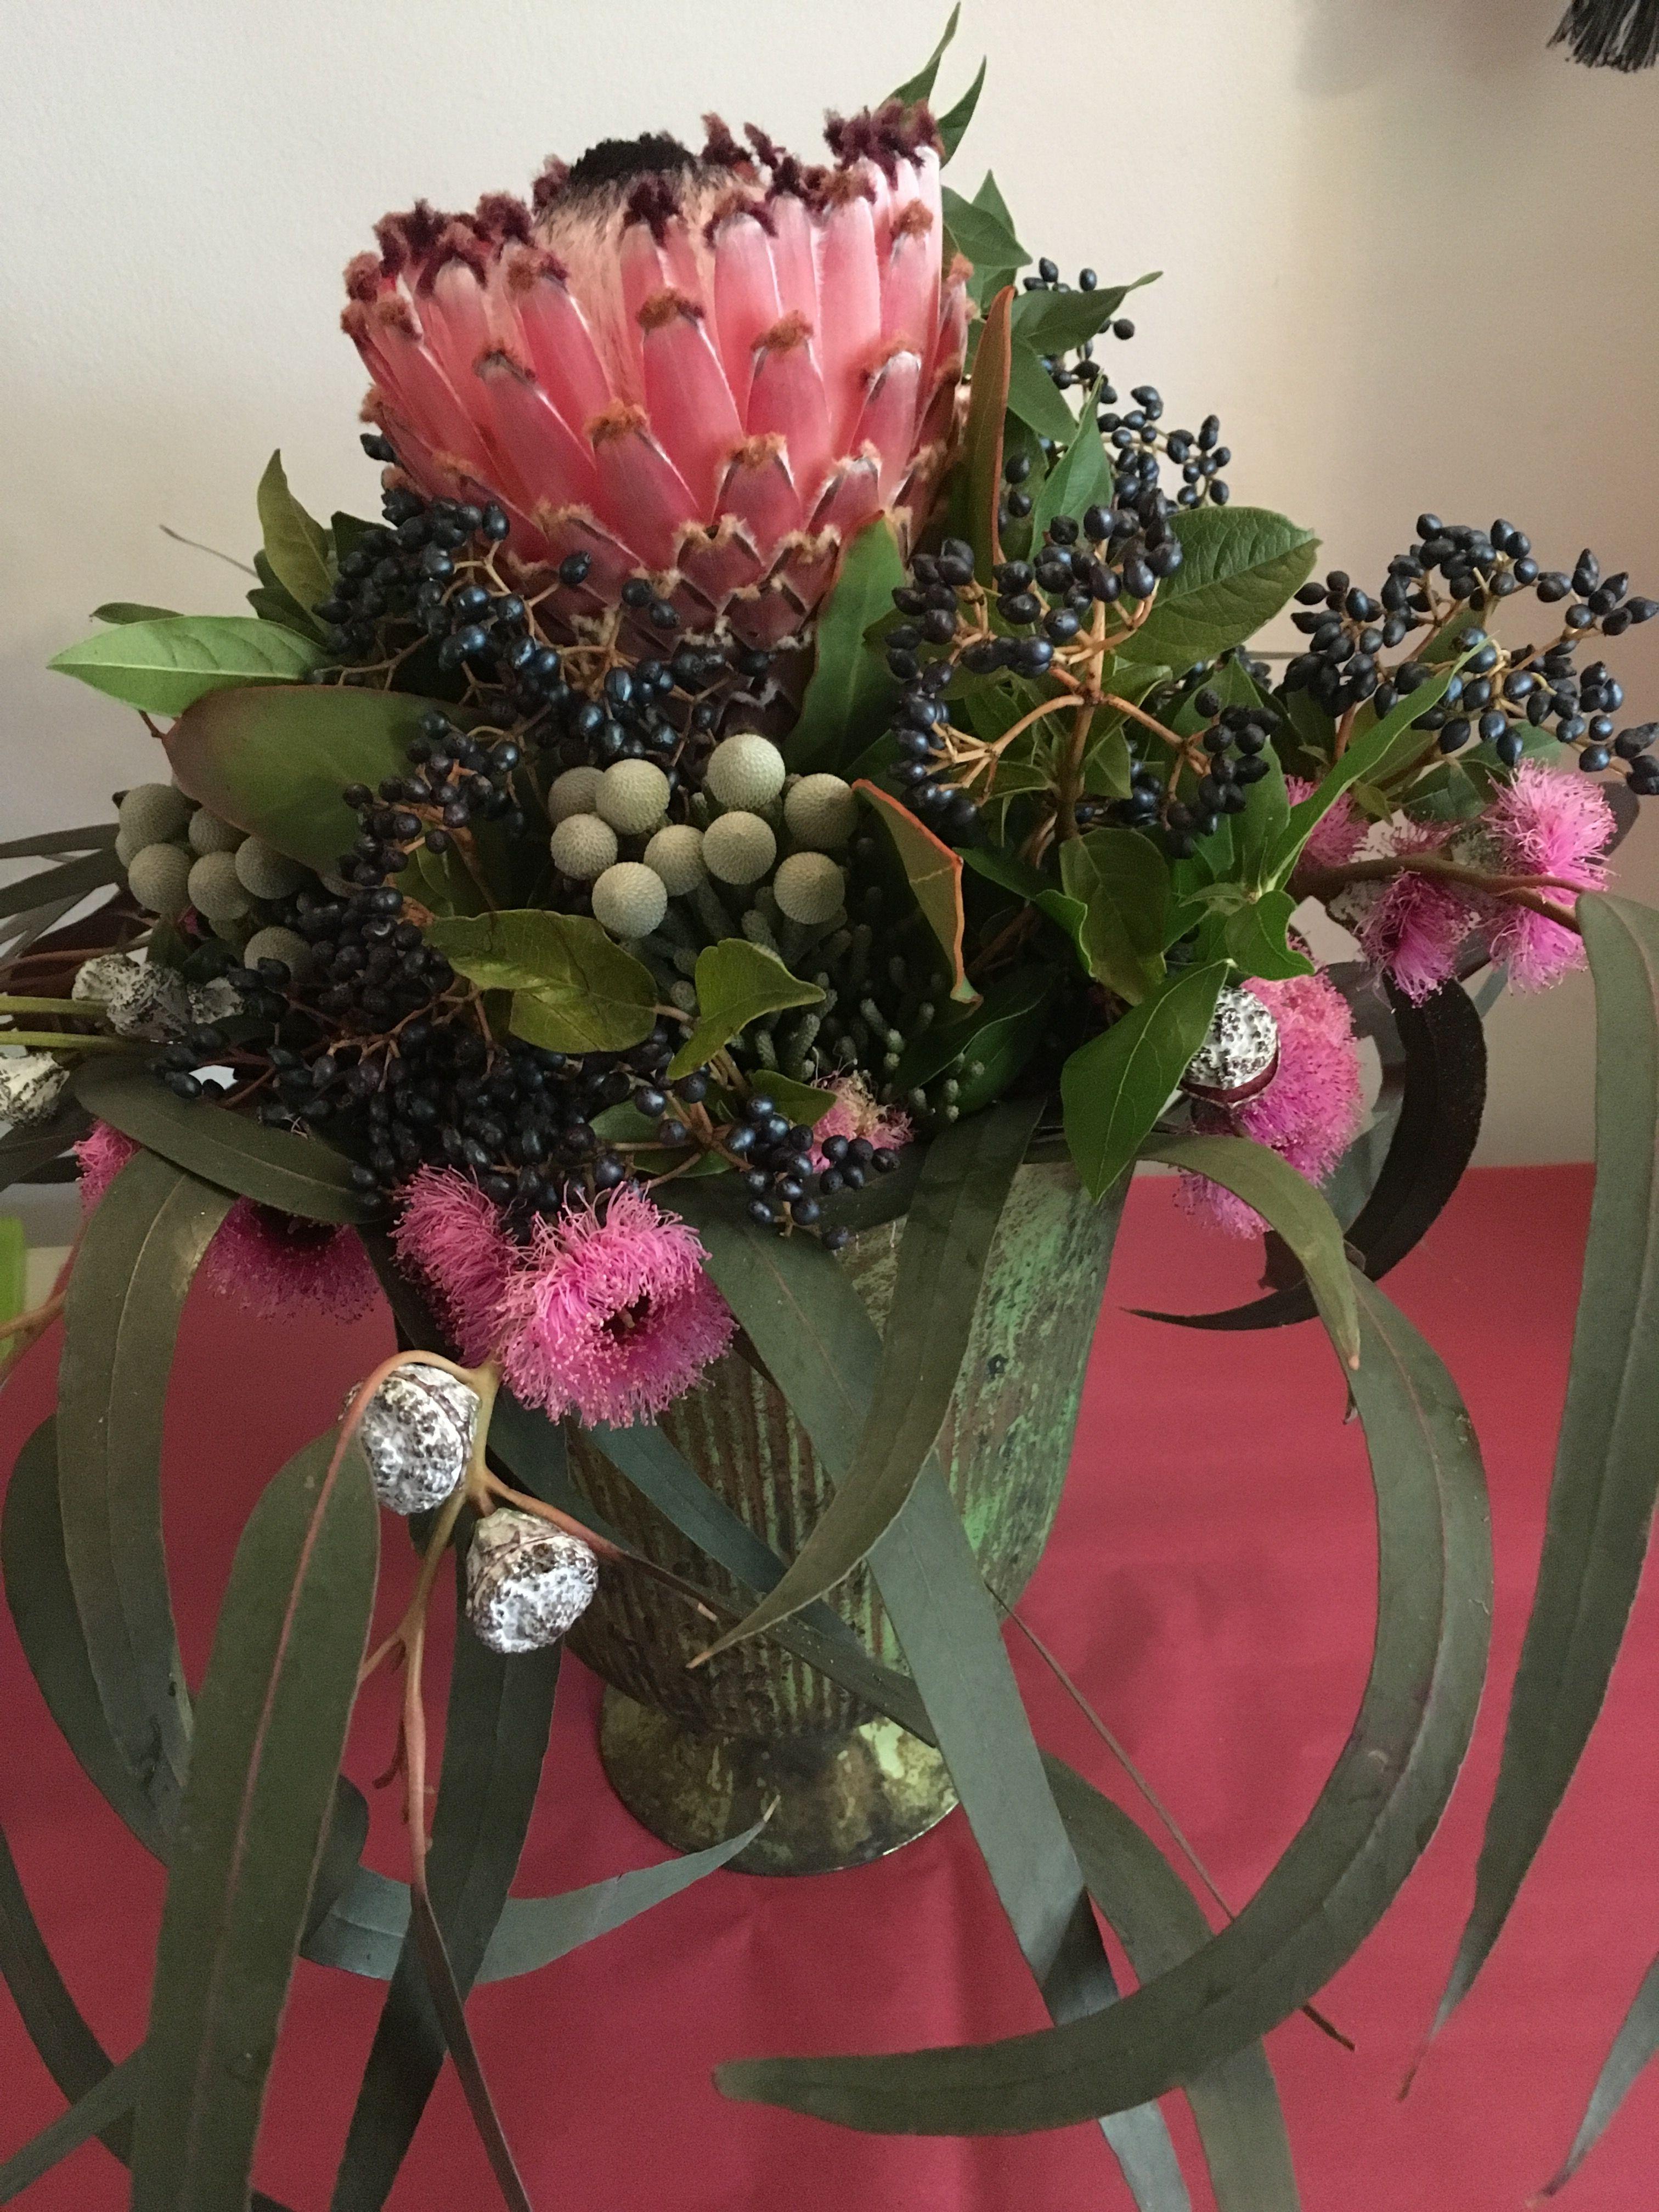 Pin by Kyoung Ok on 꽃장식   Pinterest   Flower arrangements, Flower ...